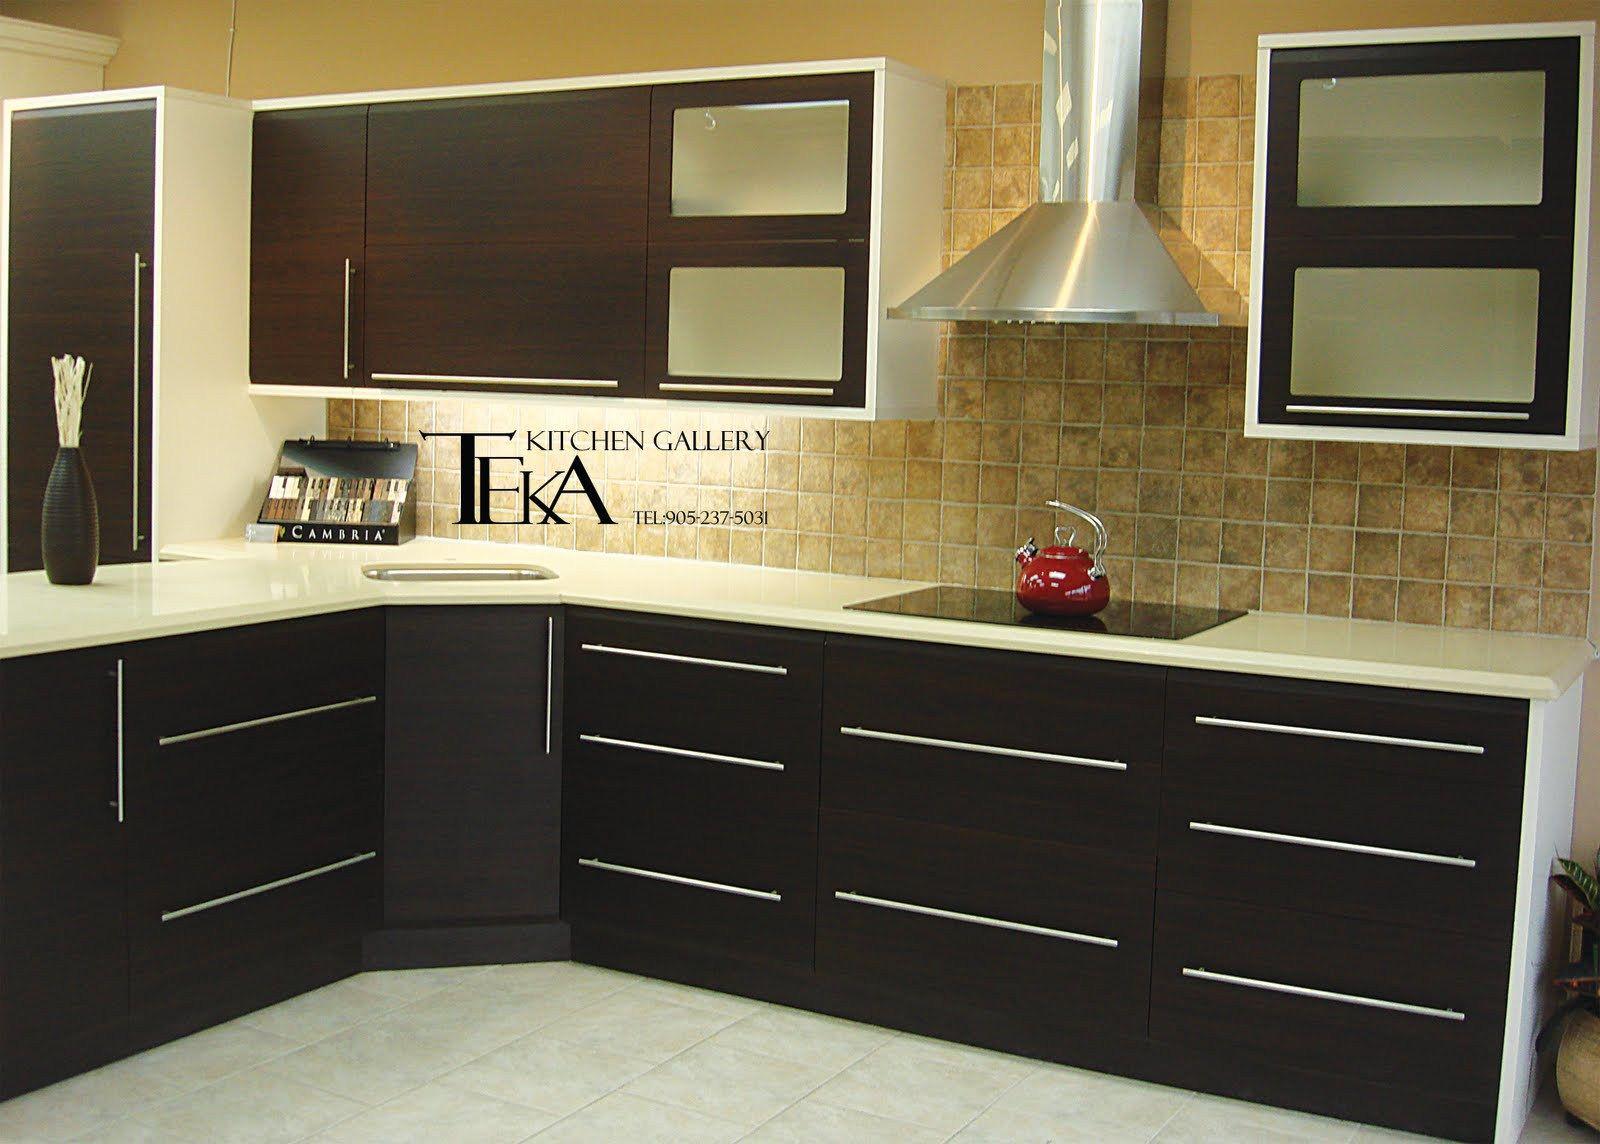 gallery classy simple kitchen cabinet design ideas kitchen ...